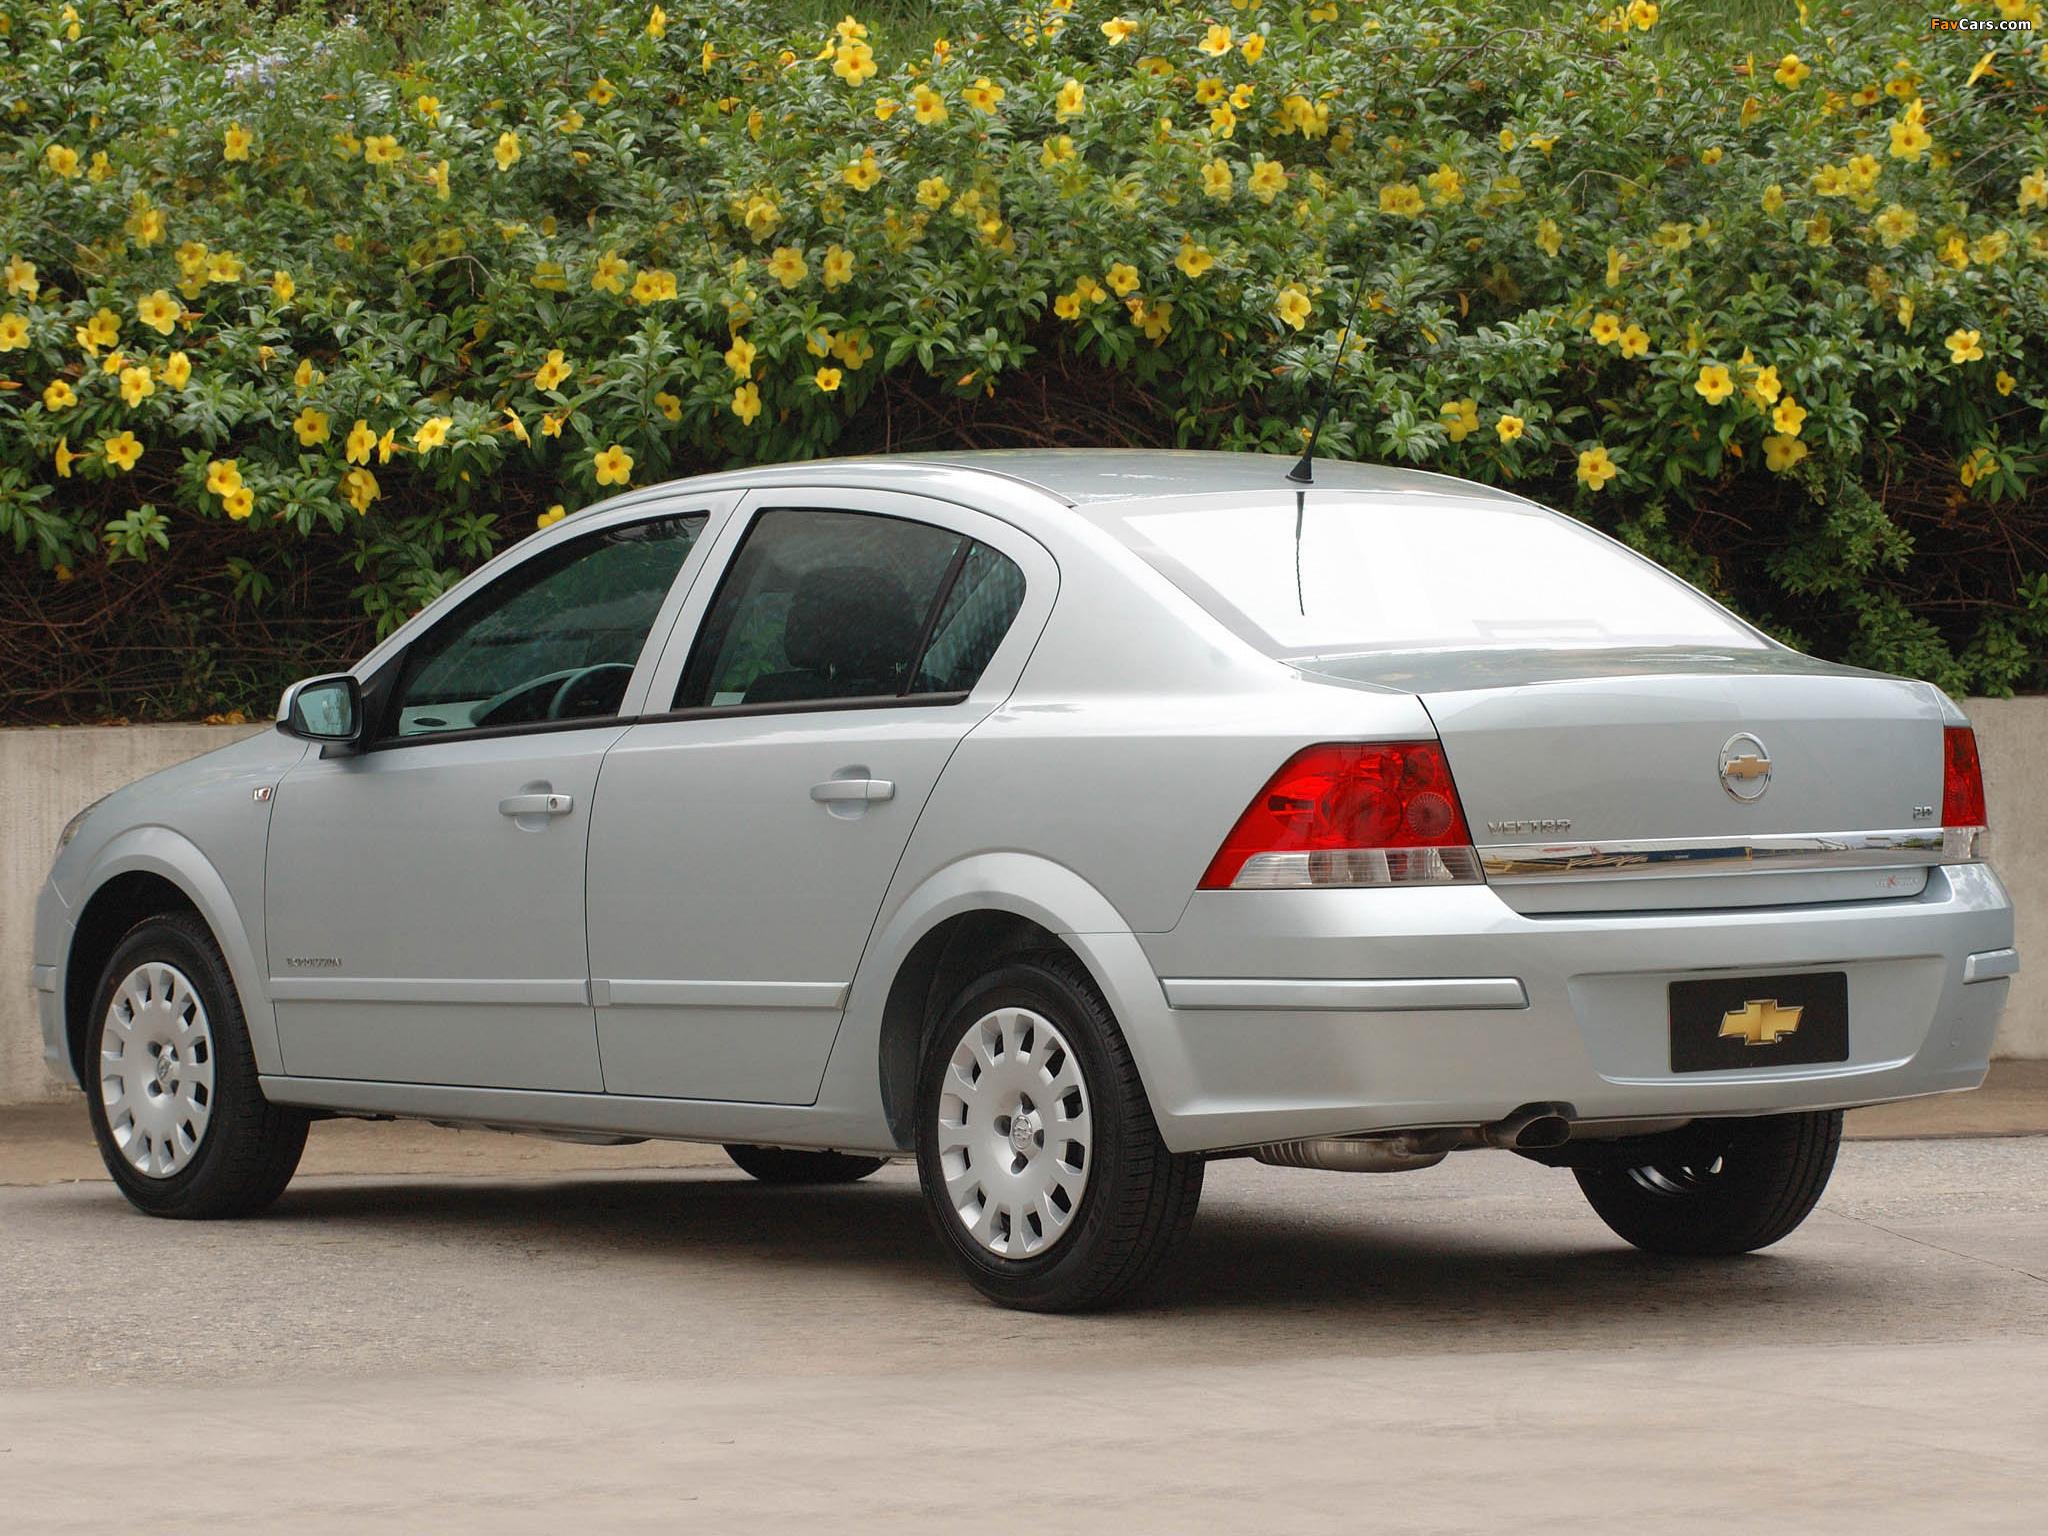 Opel Vectra - Wikipedia, the free encyclopedia